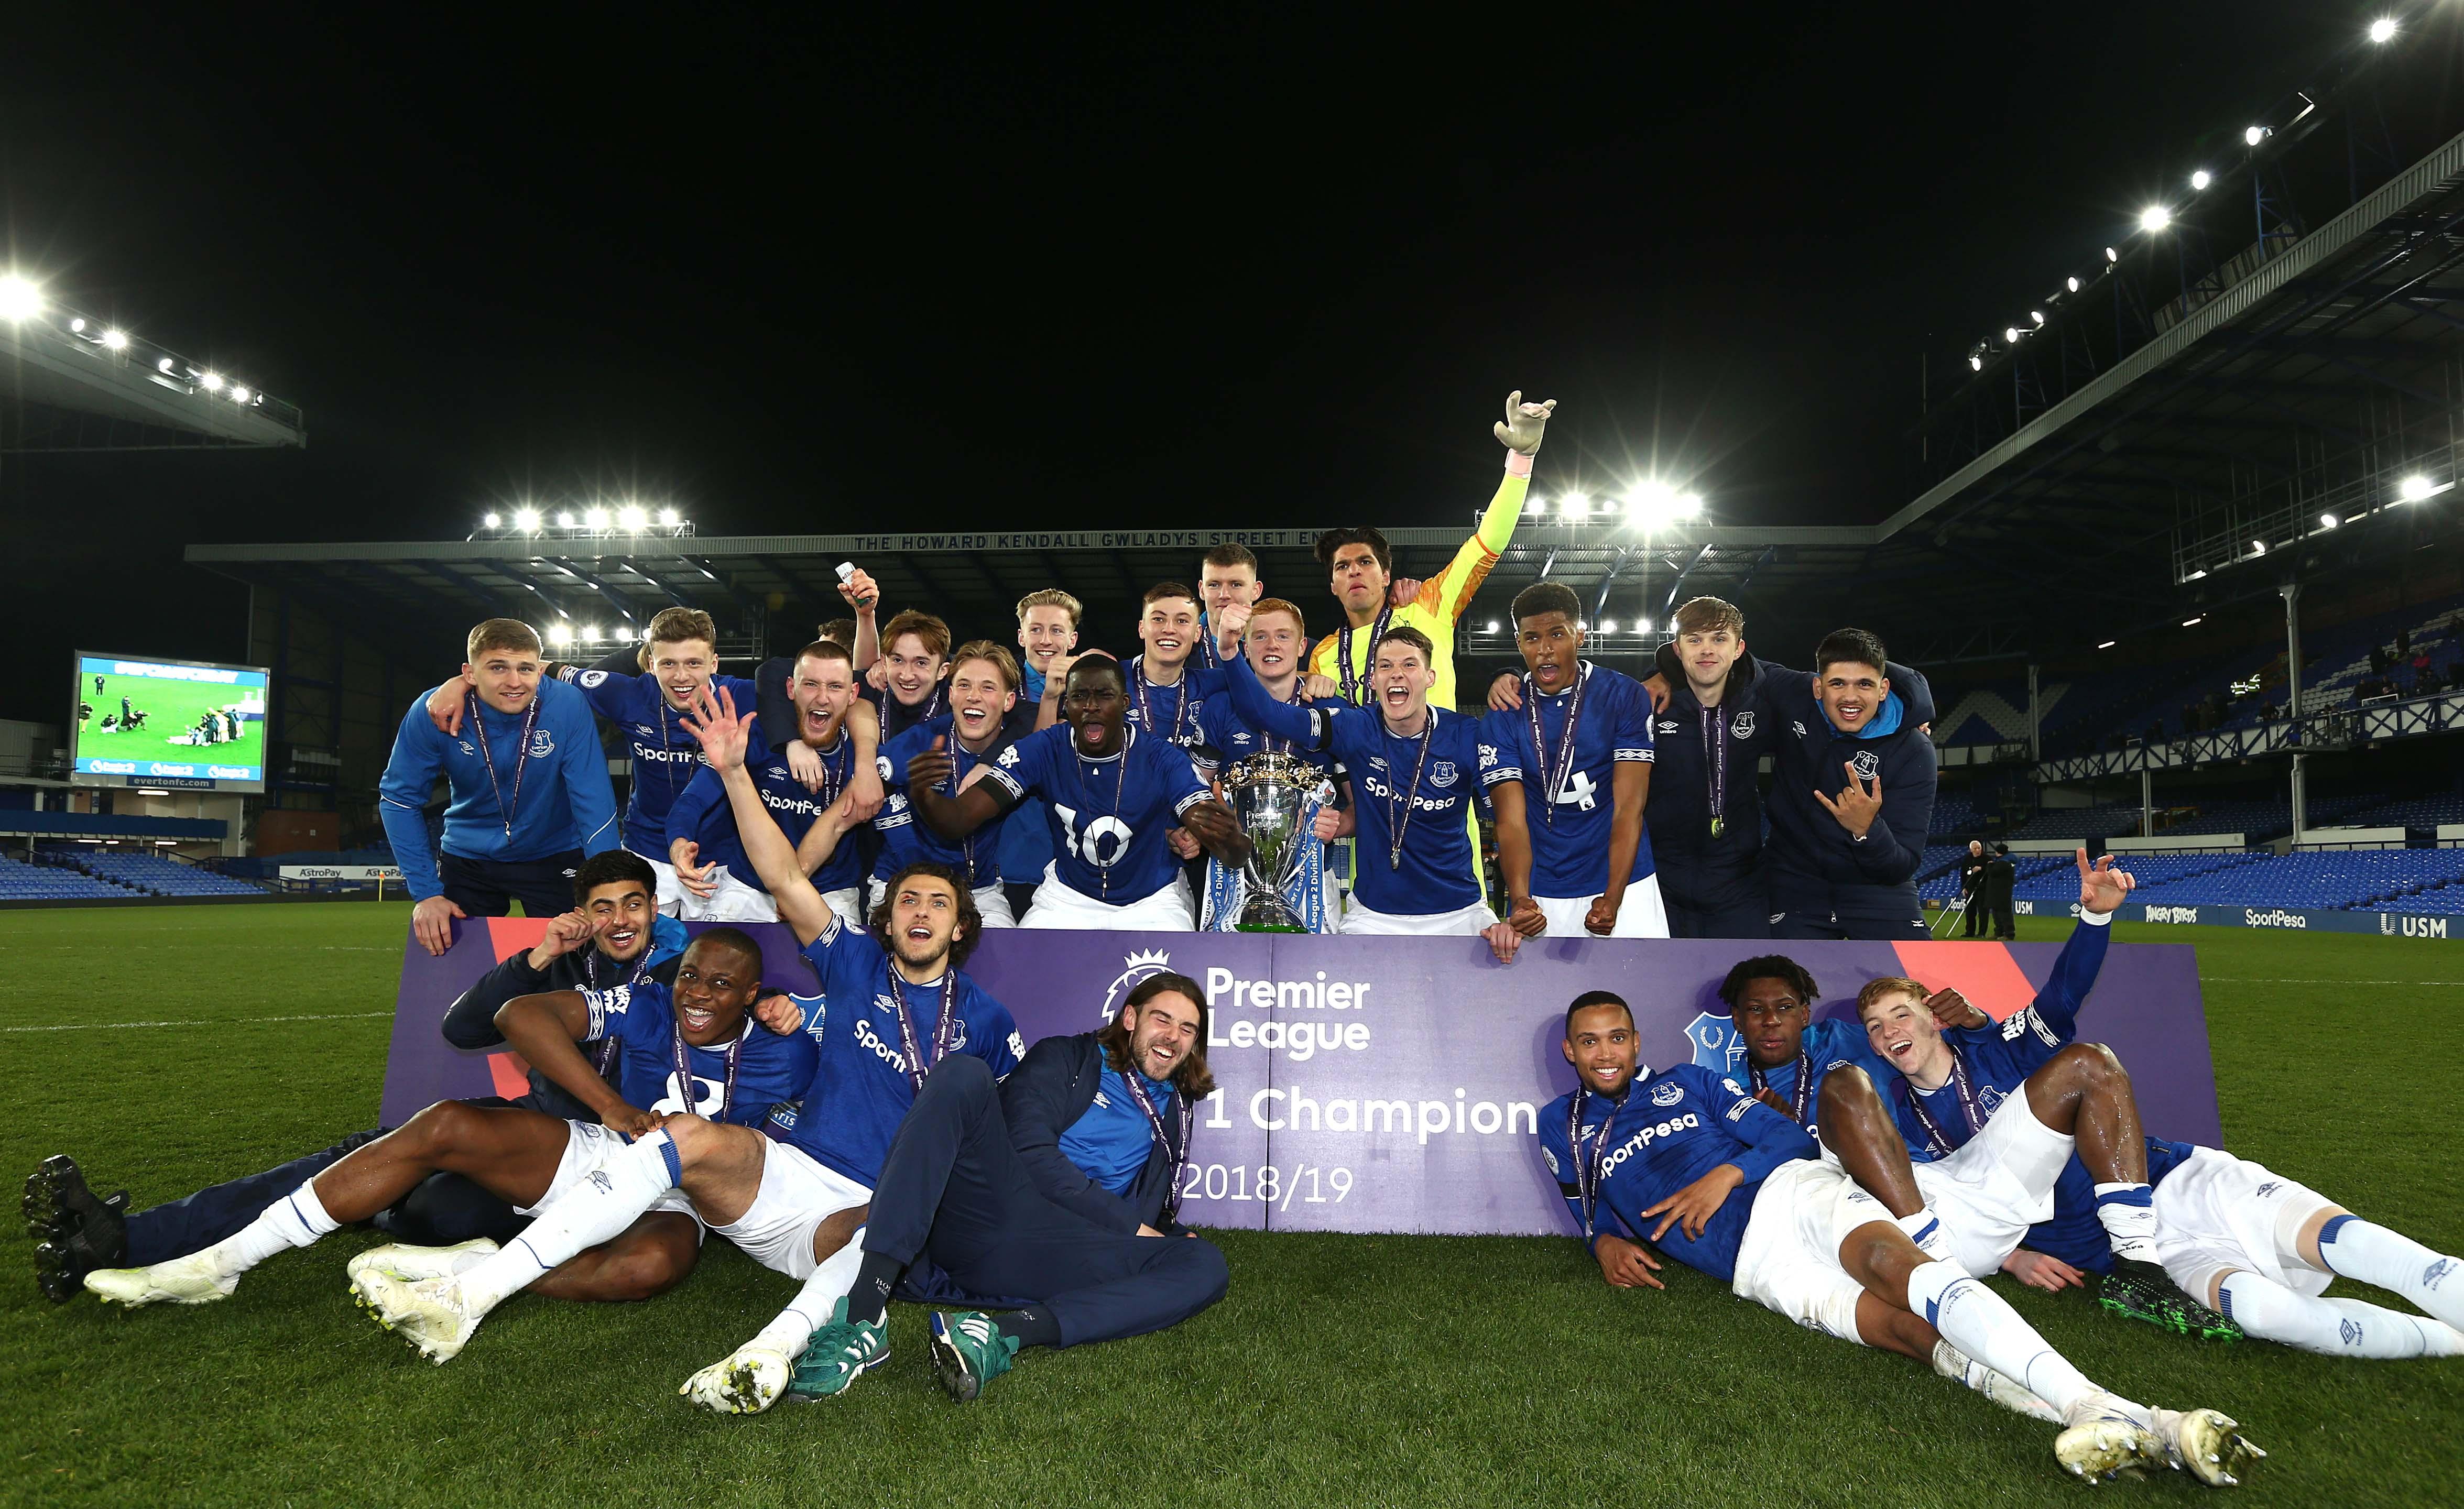 Everton v Brighton & Hove Albion: Premier League 2